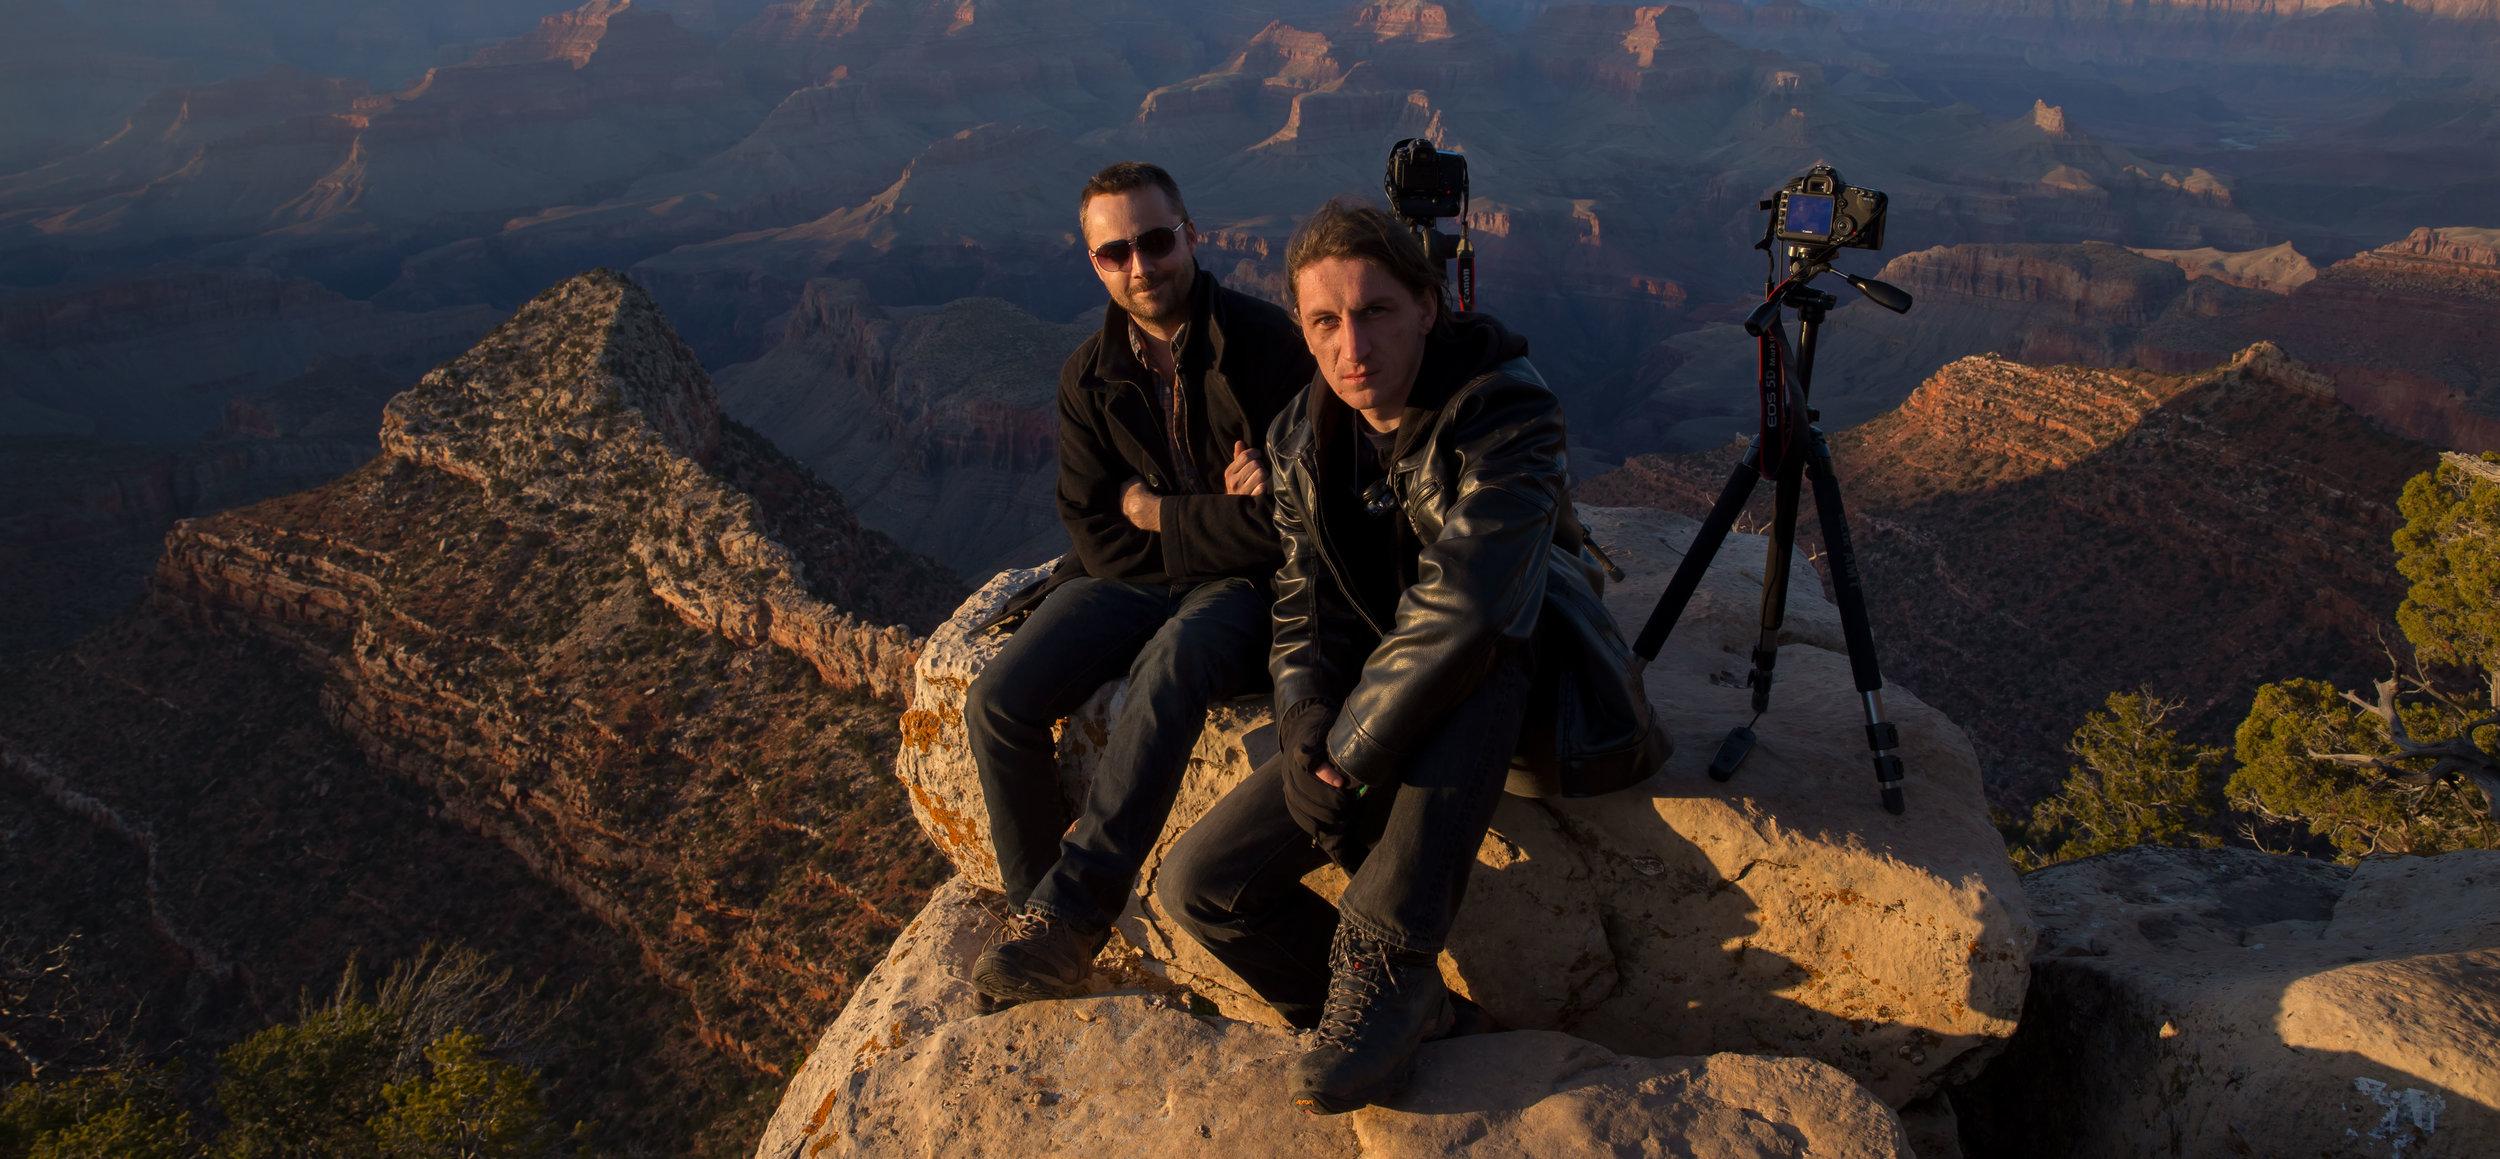 Gavin Heffernan & Harun Mehmedinovic